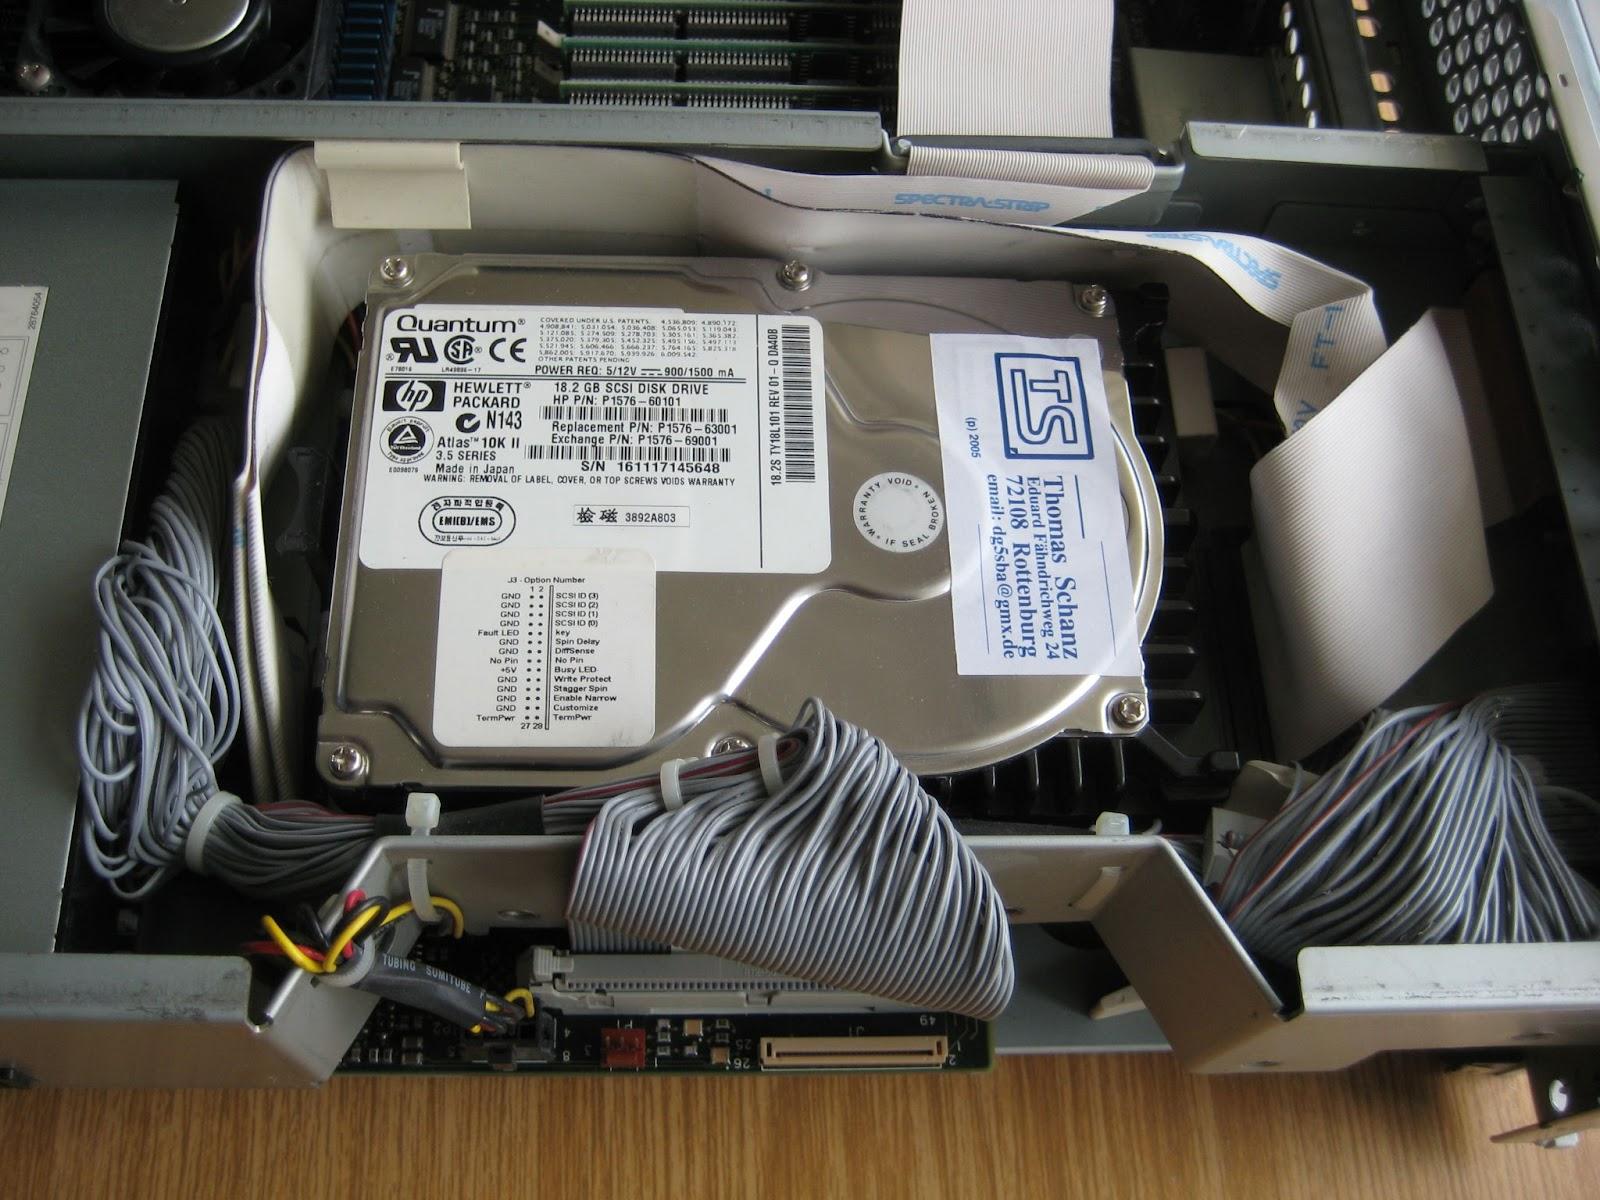 Hard drive inside a CPU cabinet